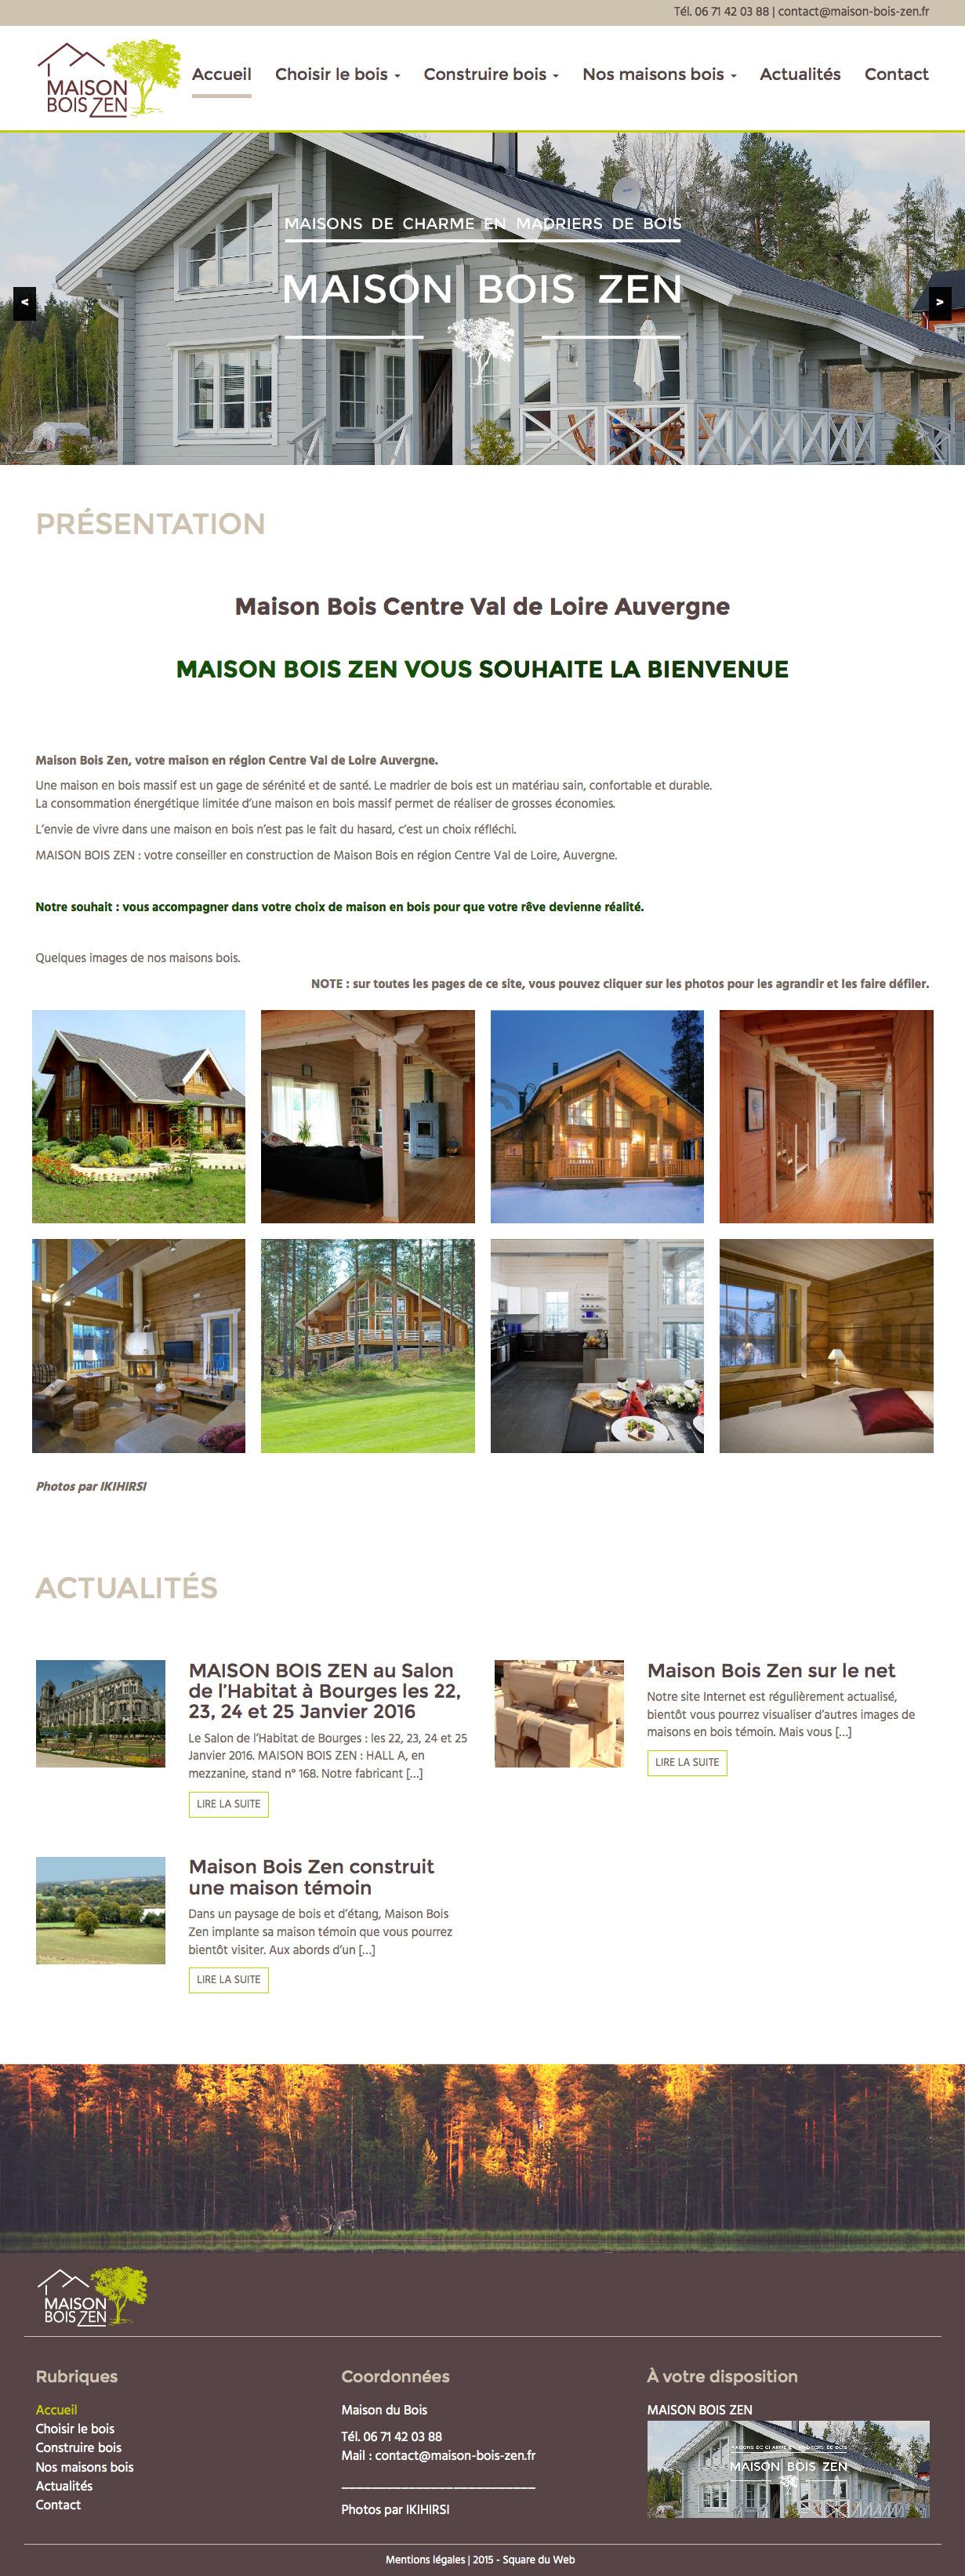 Maison Bois Zen